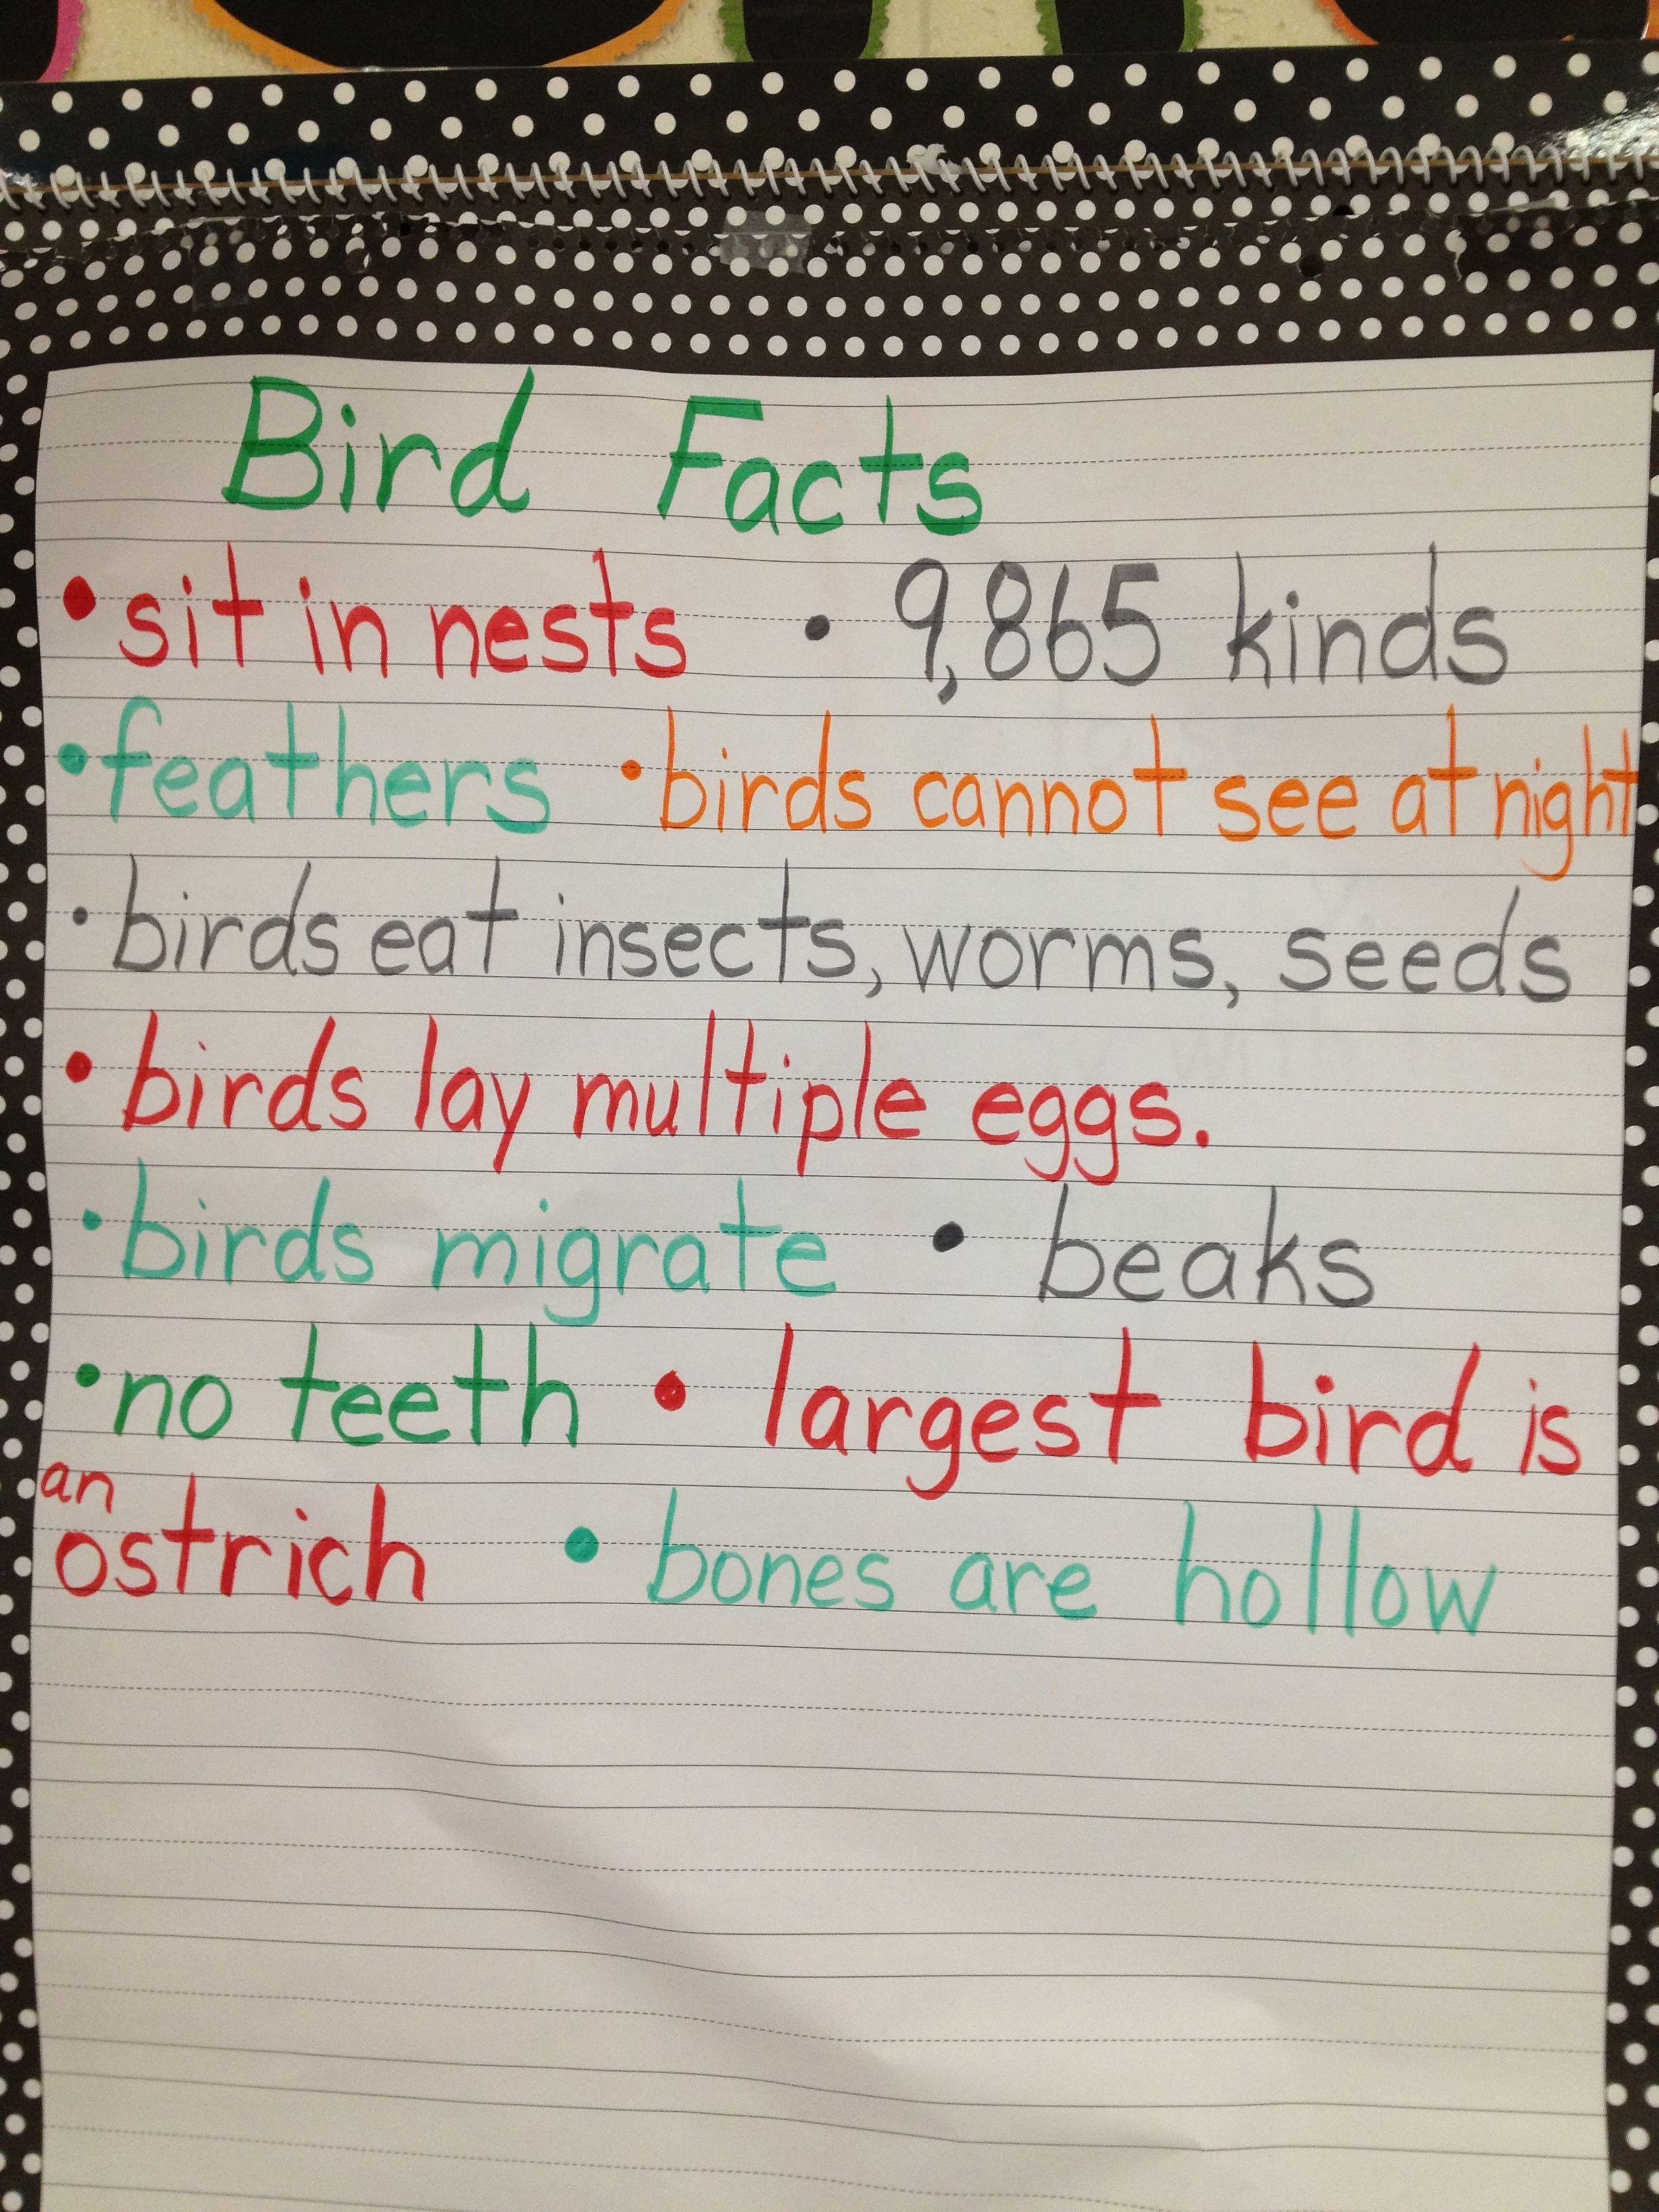 Bird Facts Chart